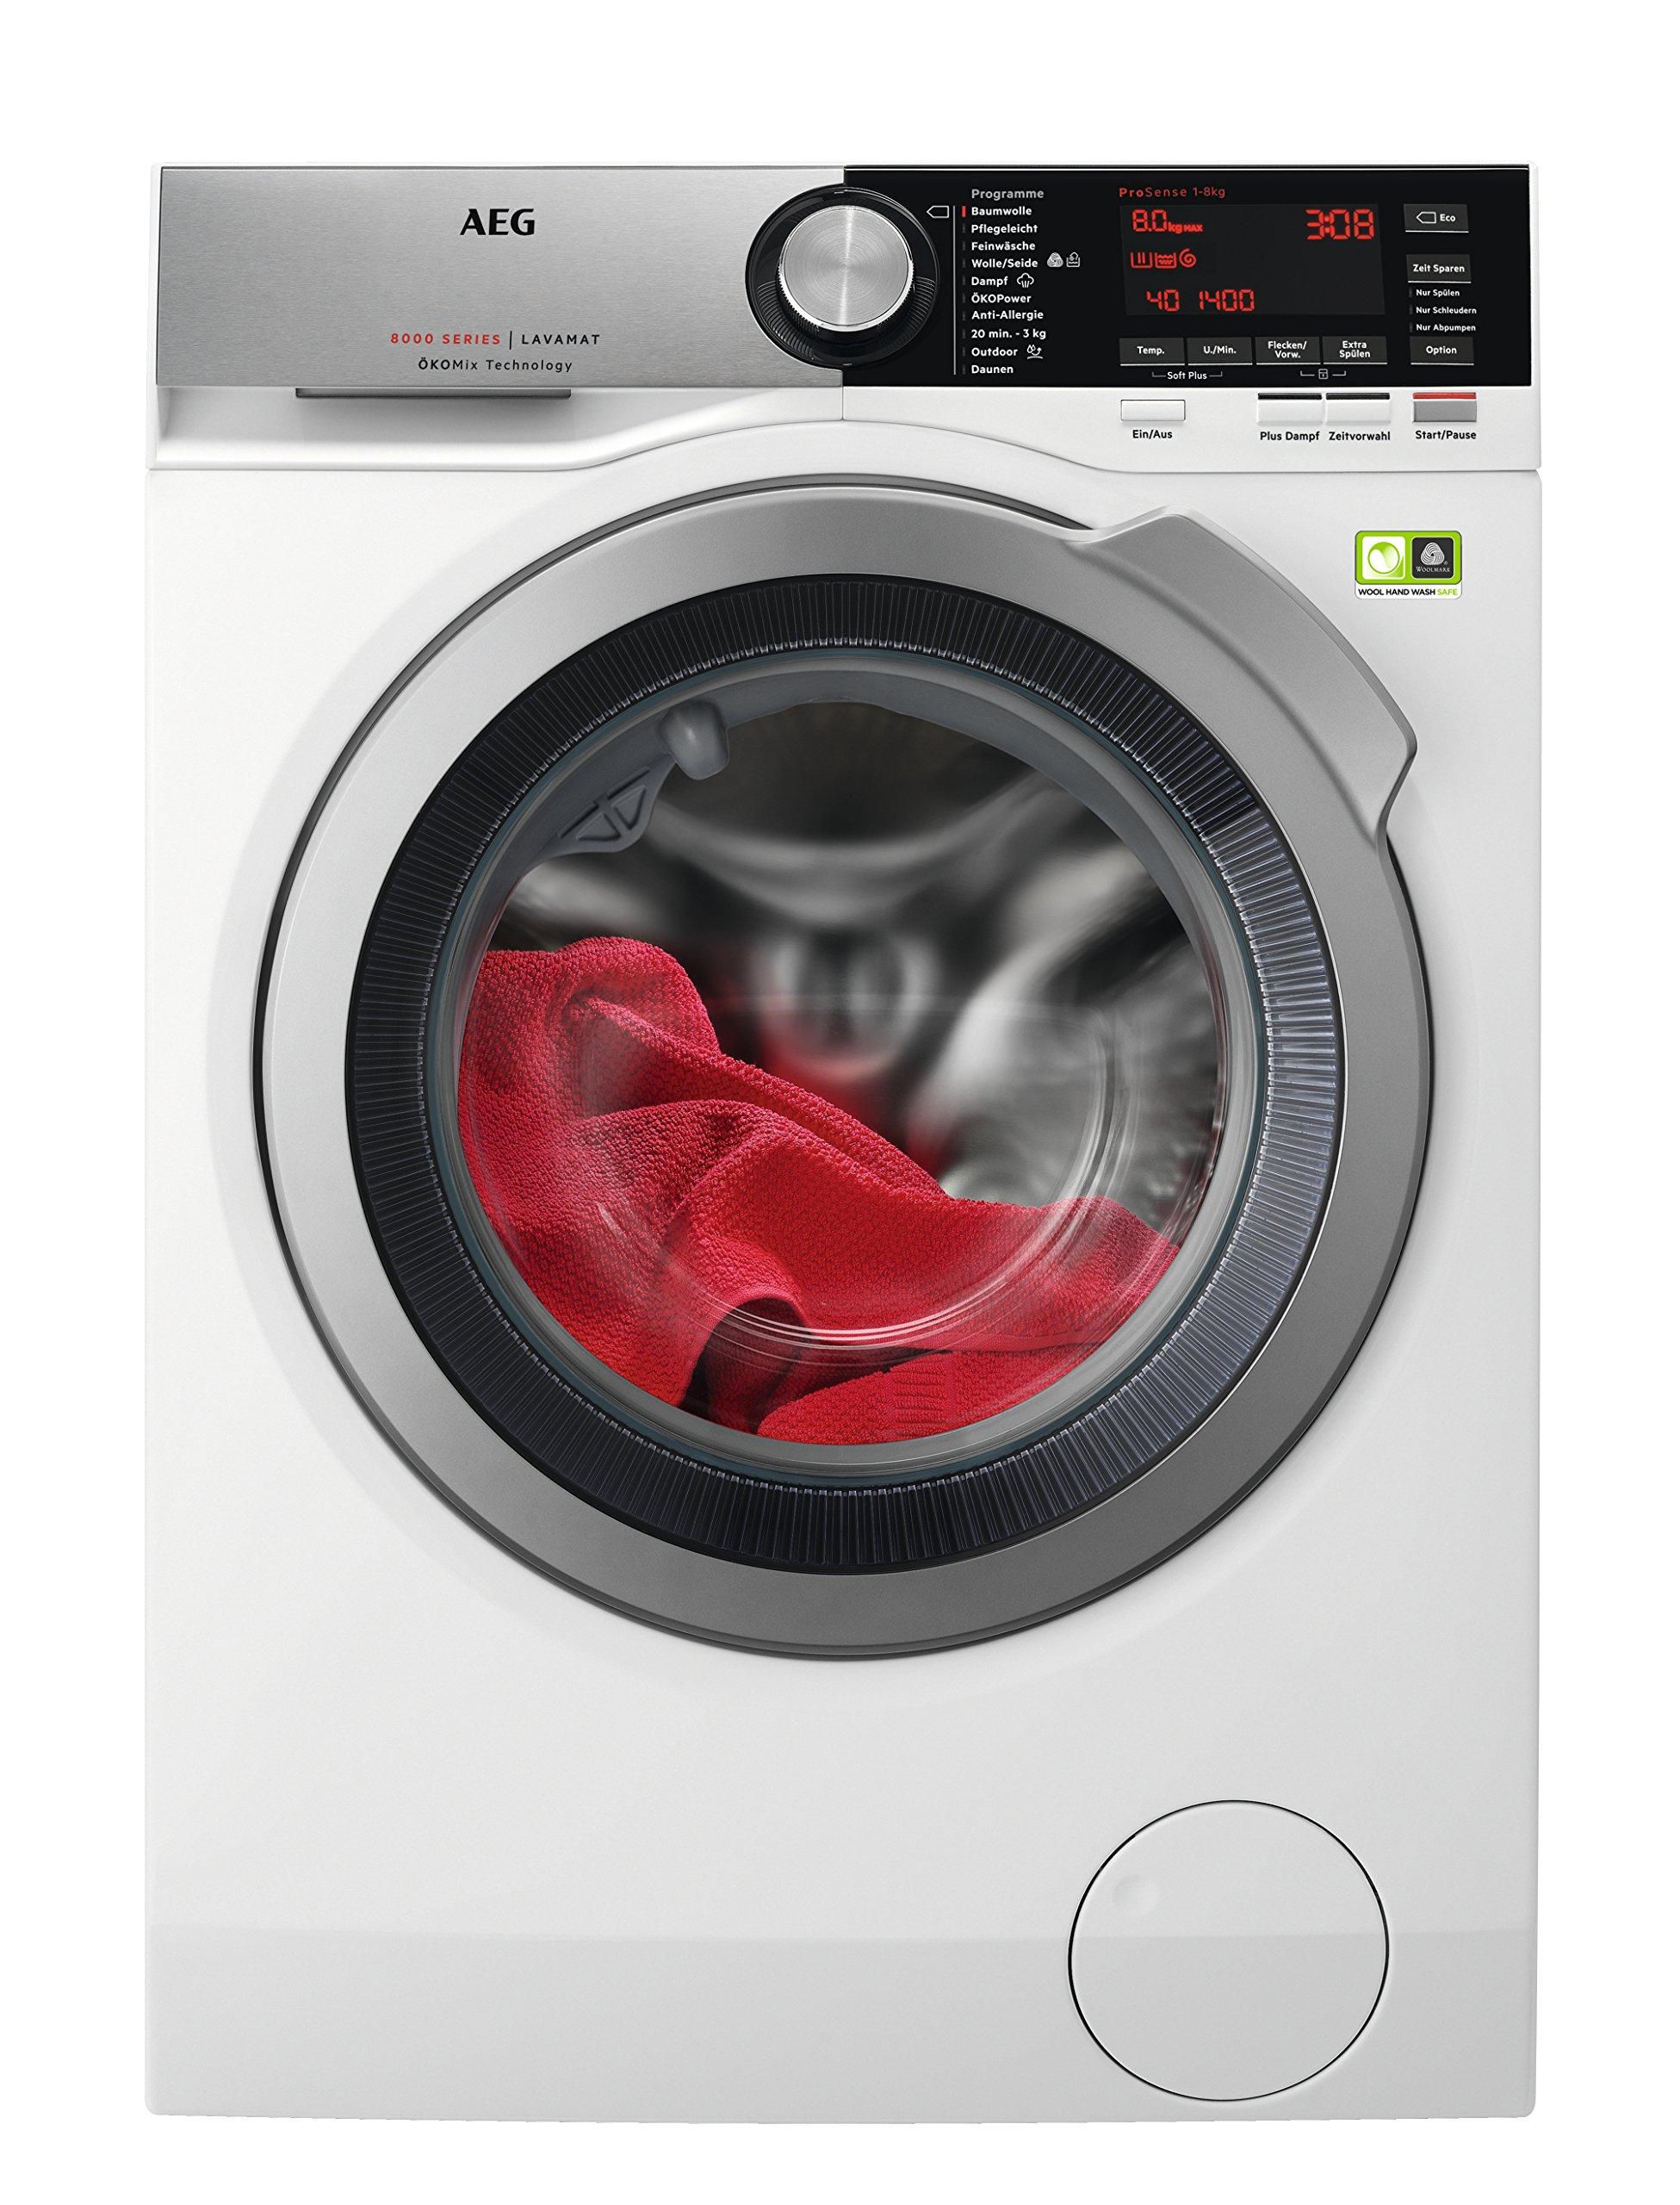 AEG-LJUBILINE6-Waschmaschine-Frontlader-8-kg-XXL-ProTex-Schontrommel-Energieklasse-A-97-kWhJahr-Mengenautomatik-Waschautomat-mit-Dampfprogramm-fr-Hemden-und-Blusen-wei